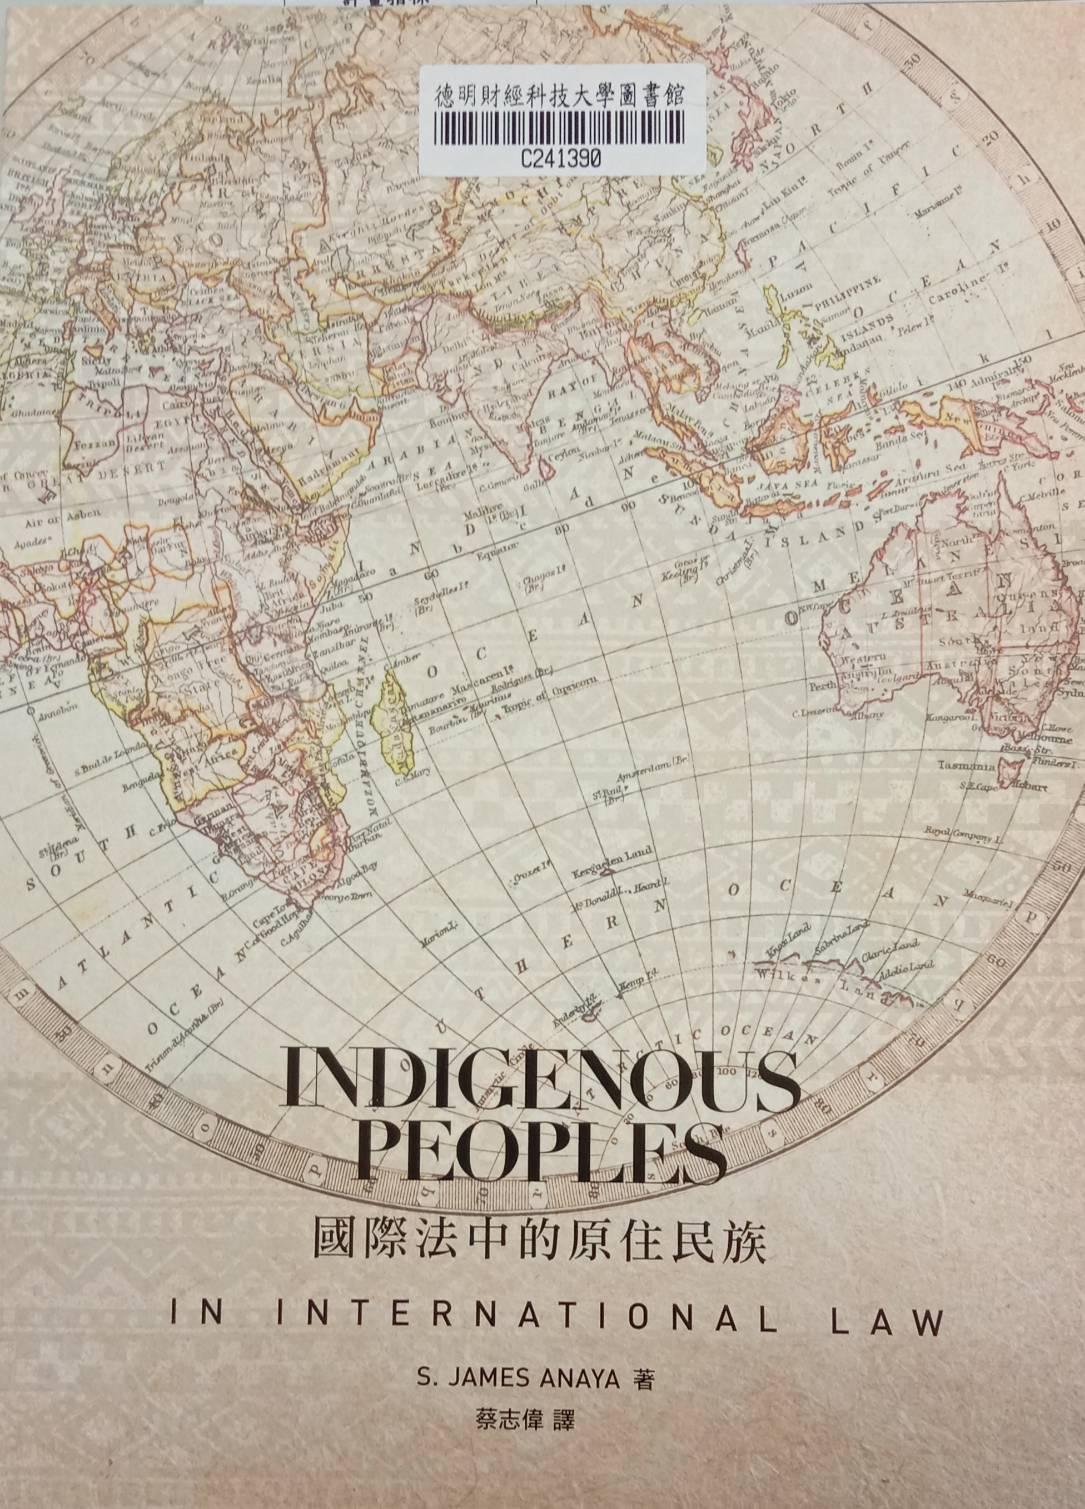 國際法中的原住民族